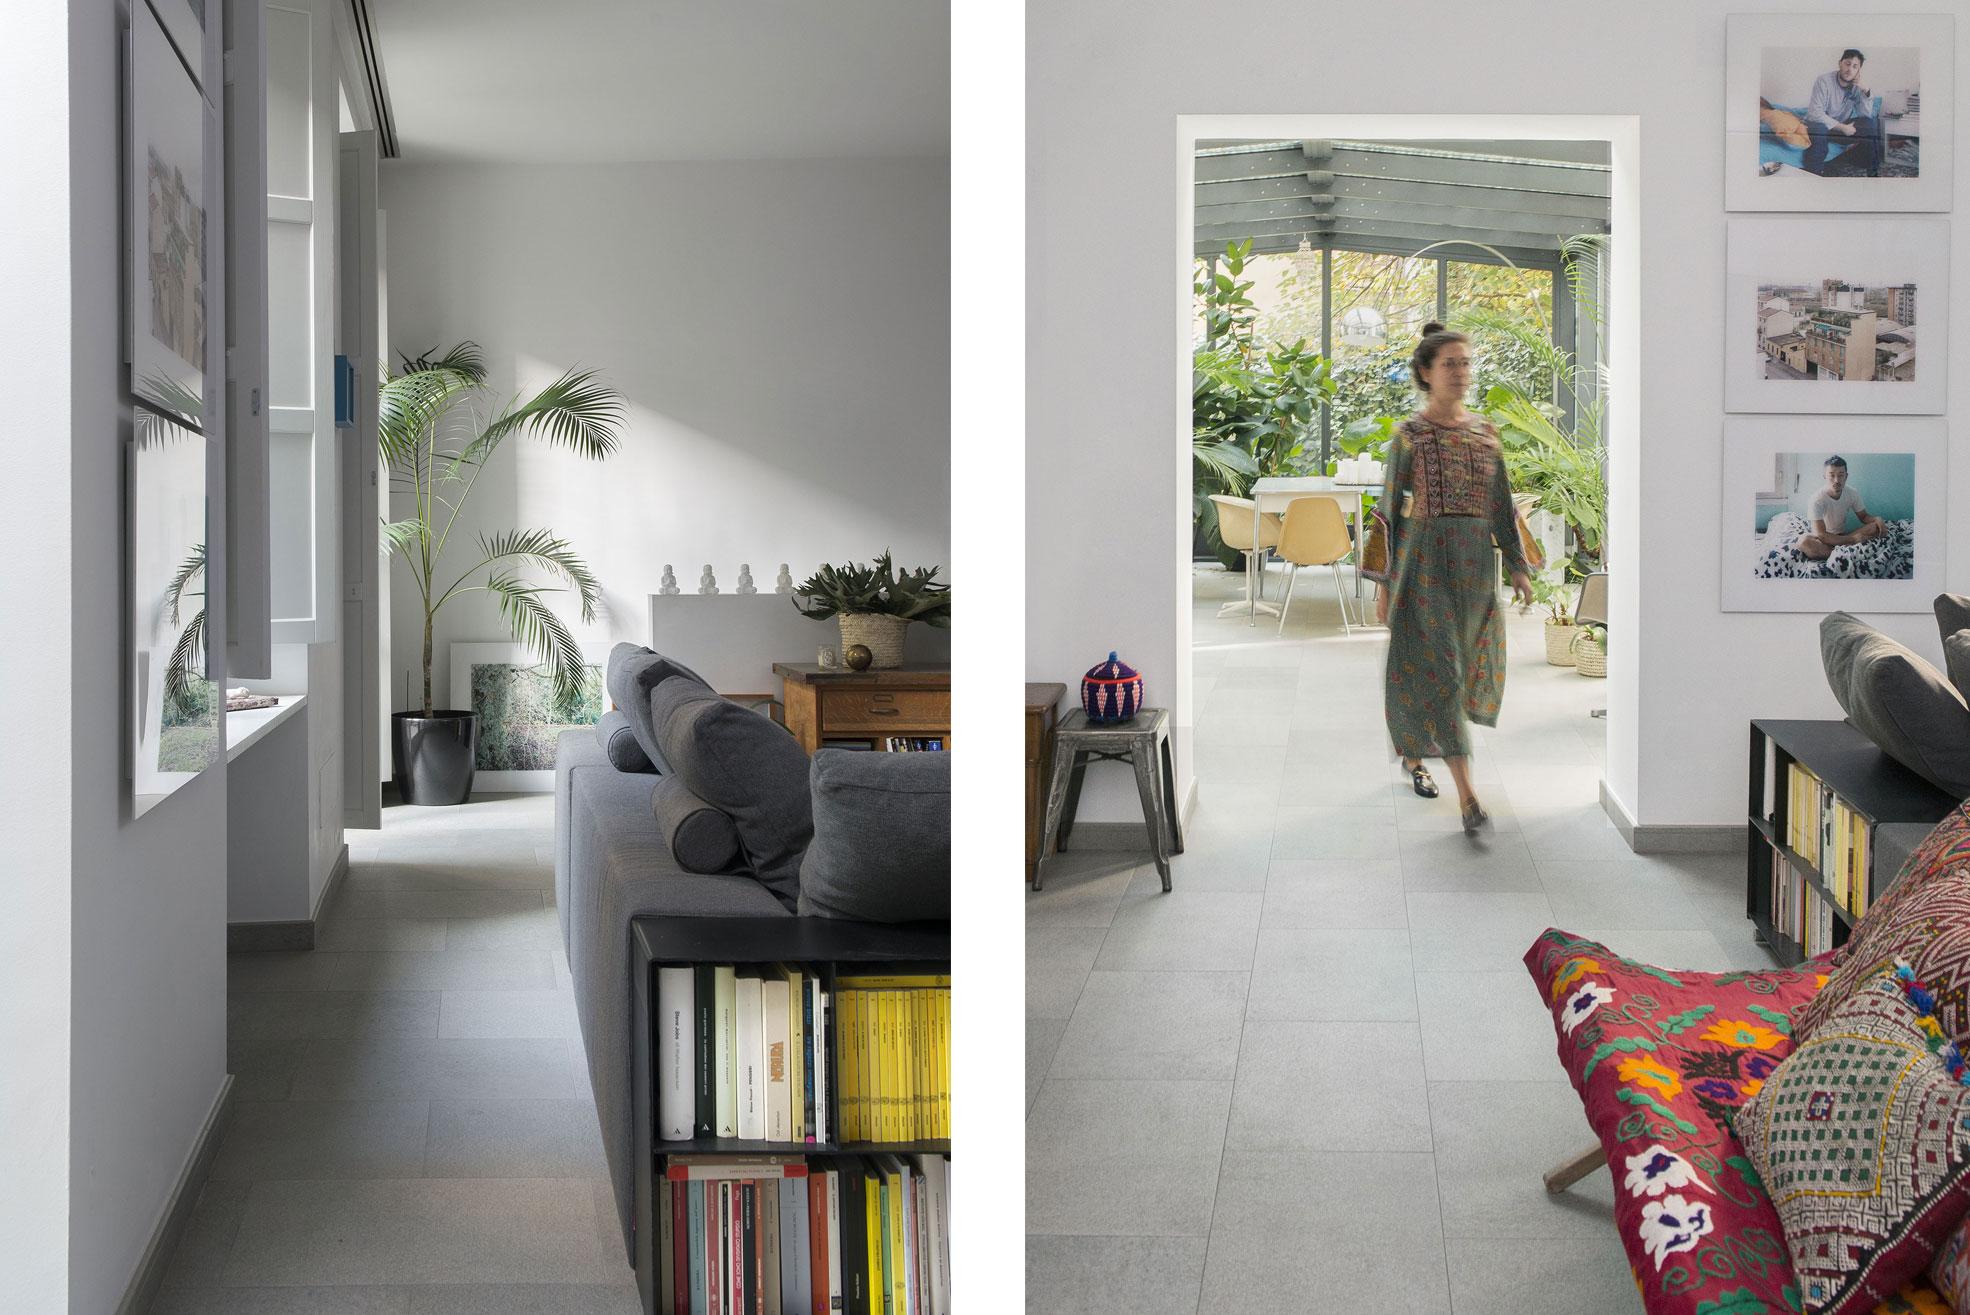 LivingRoom of the gipsy house of Giovanna Forlivesi Photographer Maria Teresa Furnari